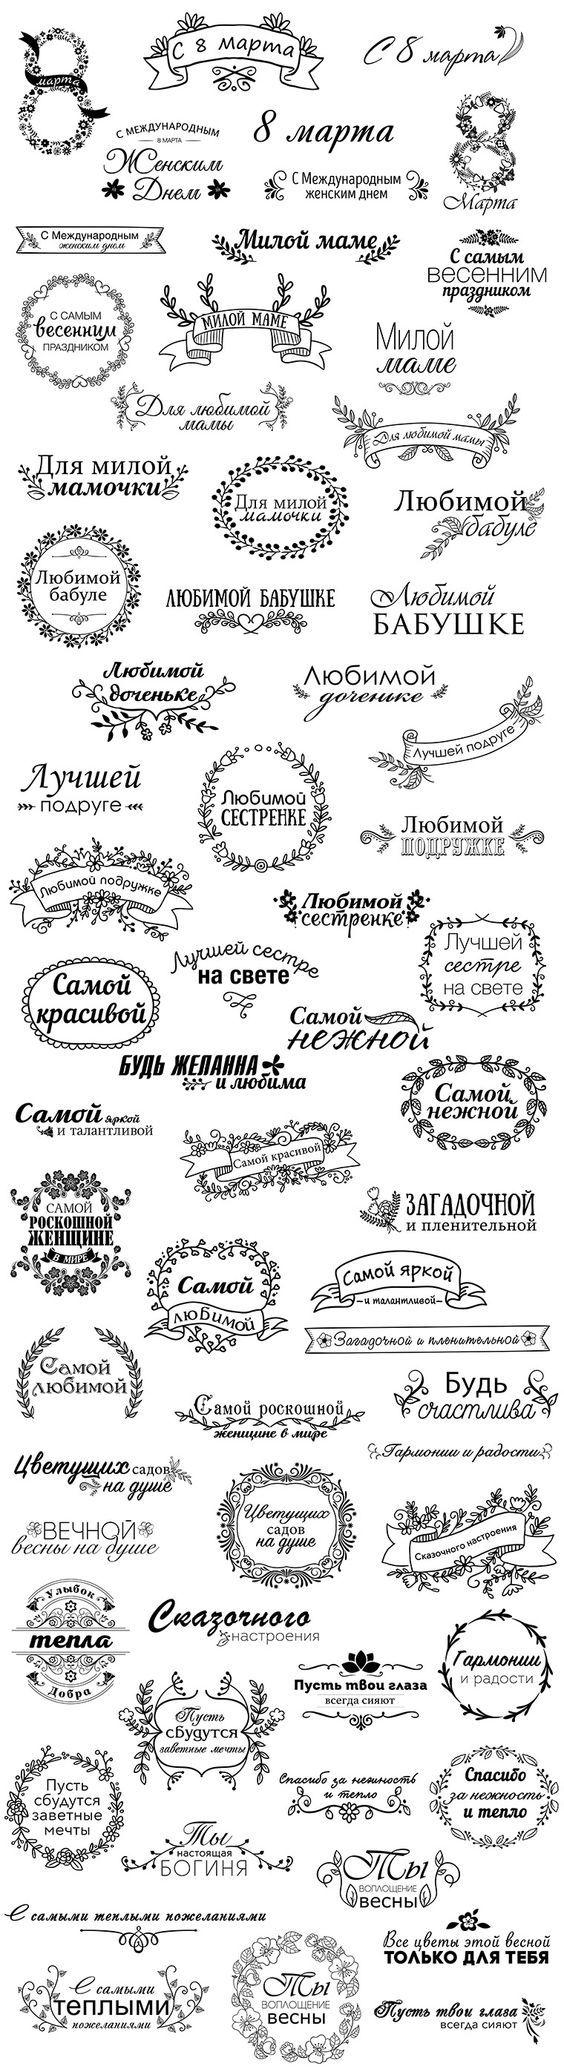 65 красивых заготовок к 8 марта - Ярмарка Мастеров - ручная работа, handmade: